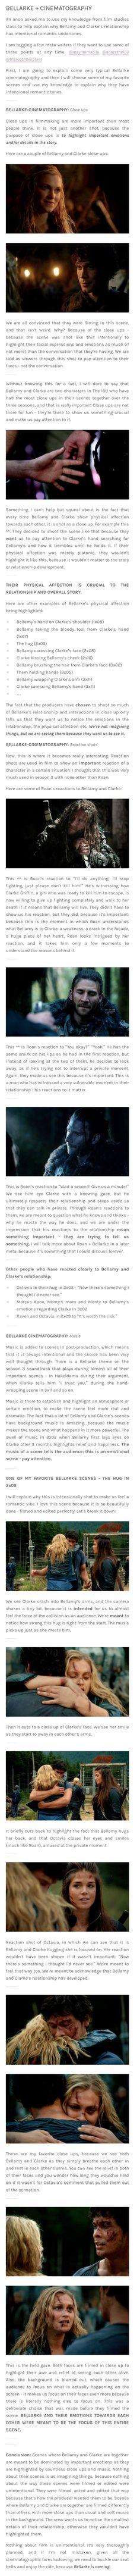 selflessbellamy: Bellarke + Cinematography